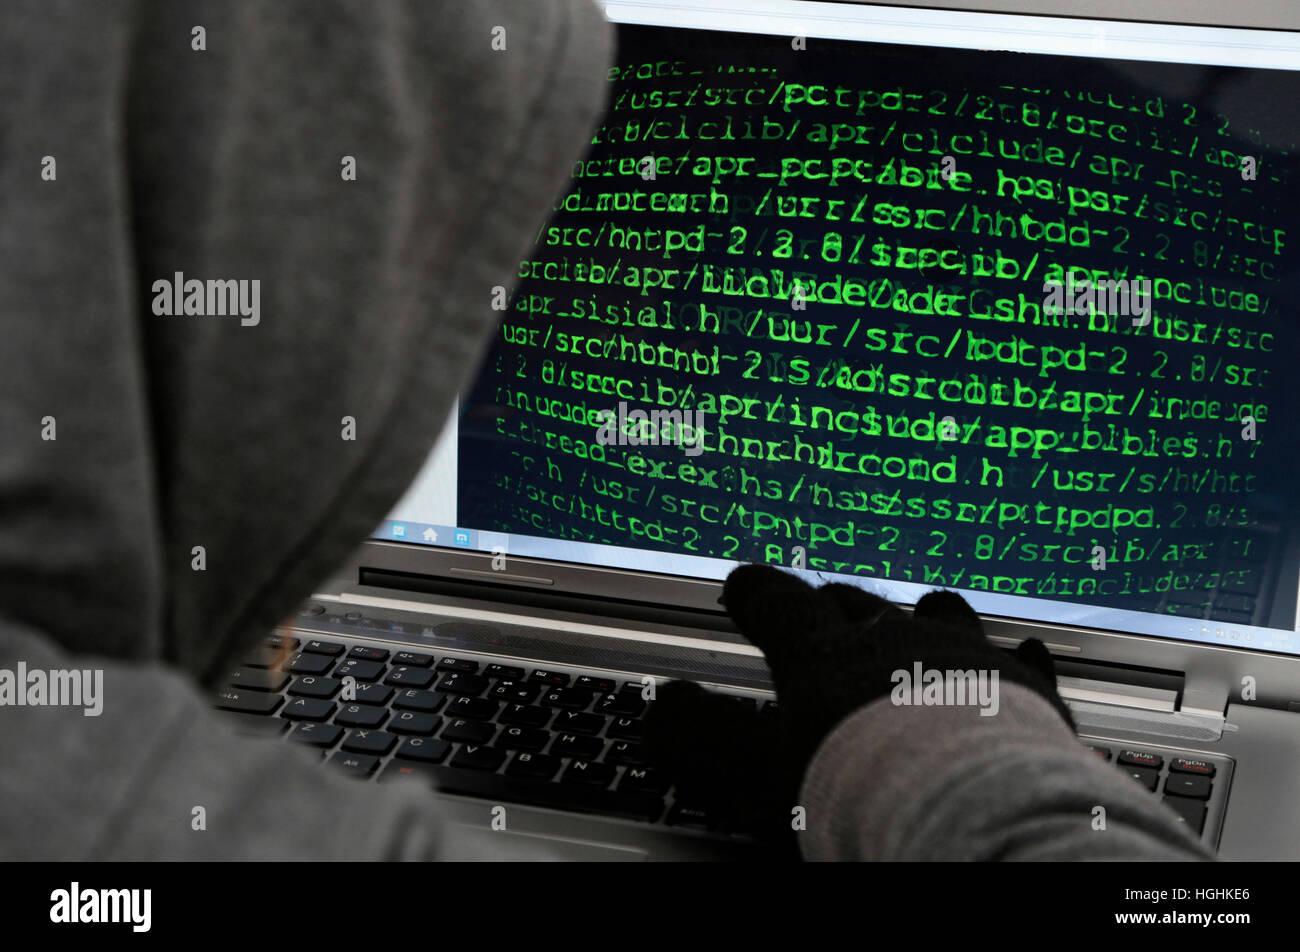 Hacker irreconocible en la parte delantera del ordenador - Concepto de ciberdelincuencia Imagen De Stock